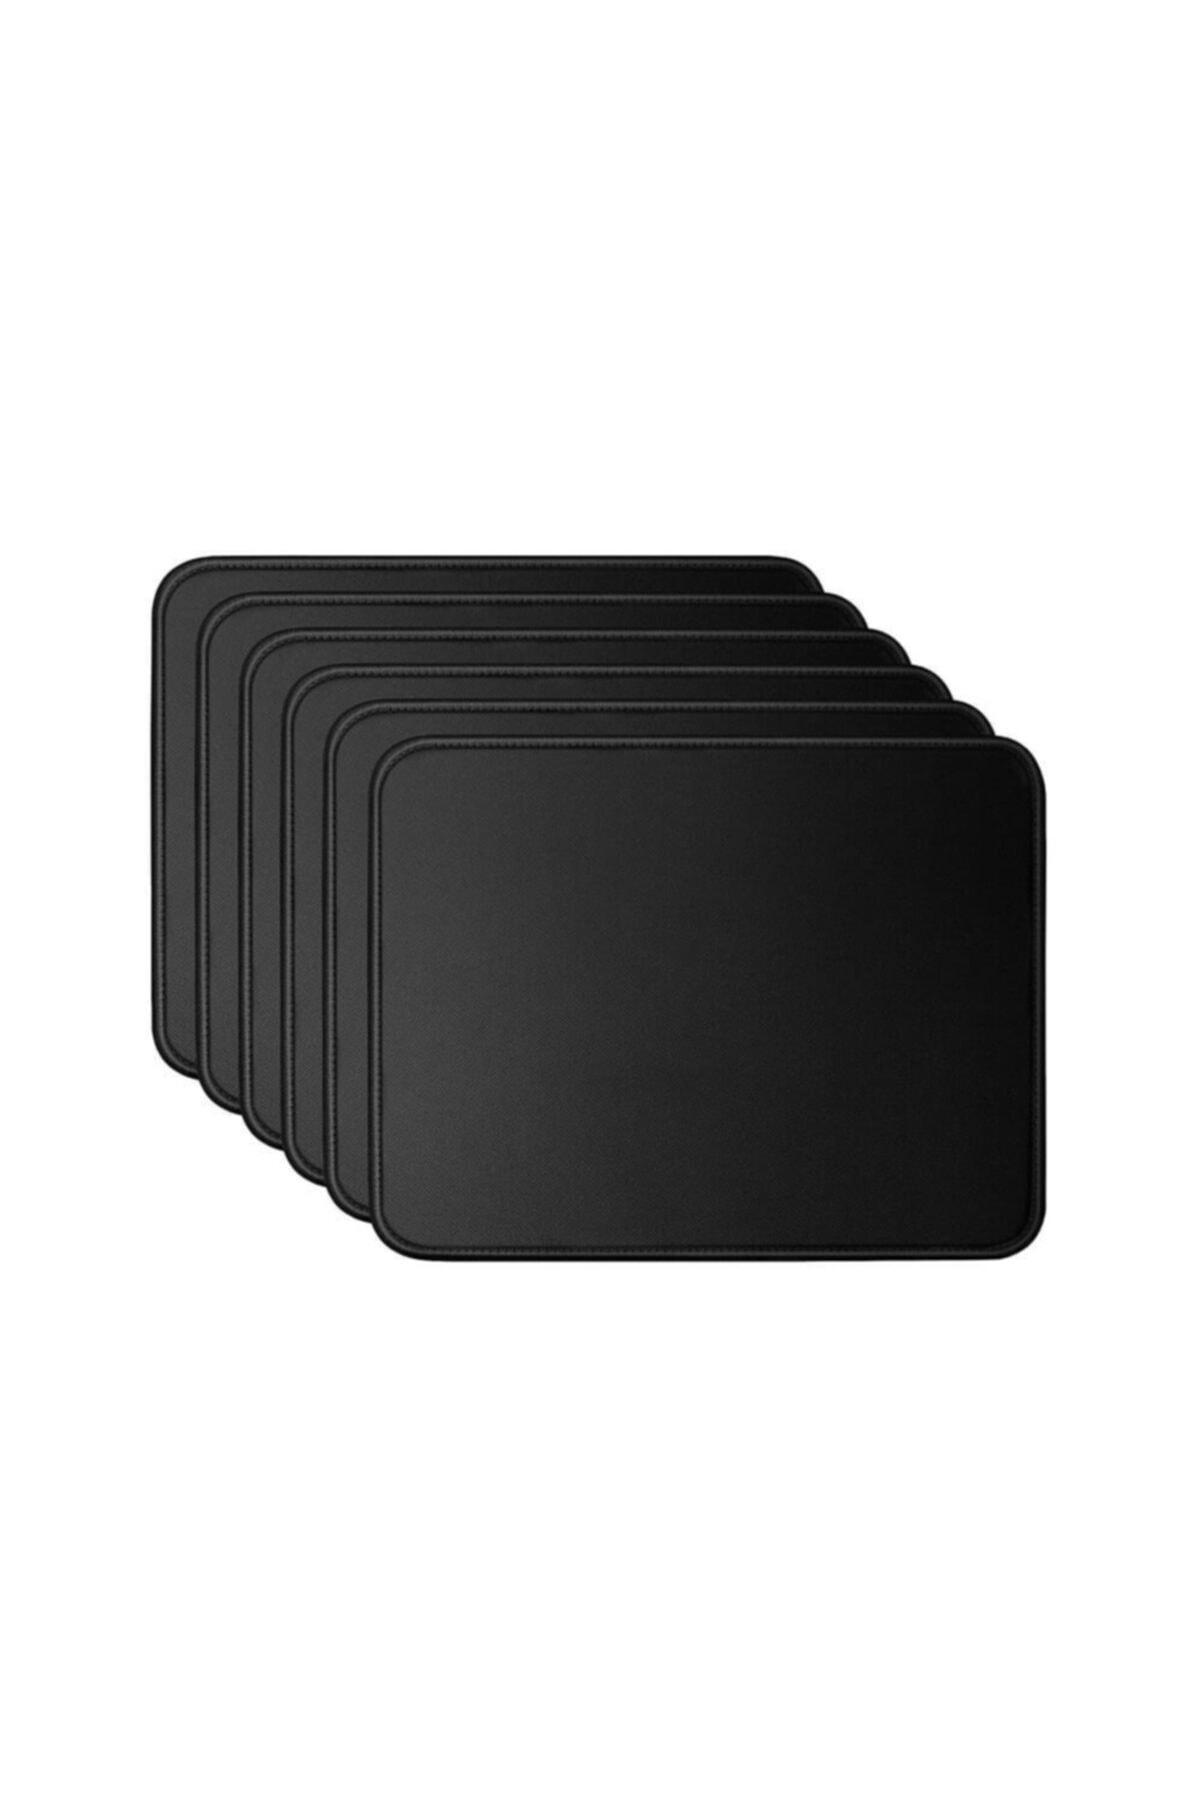 WOZLO Mouse Pad - Mouse Altlığı - Kaydırmaz - Kokmaz 26 X 21cm 1